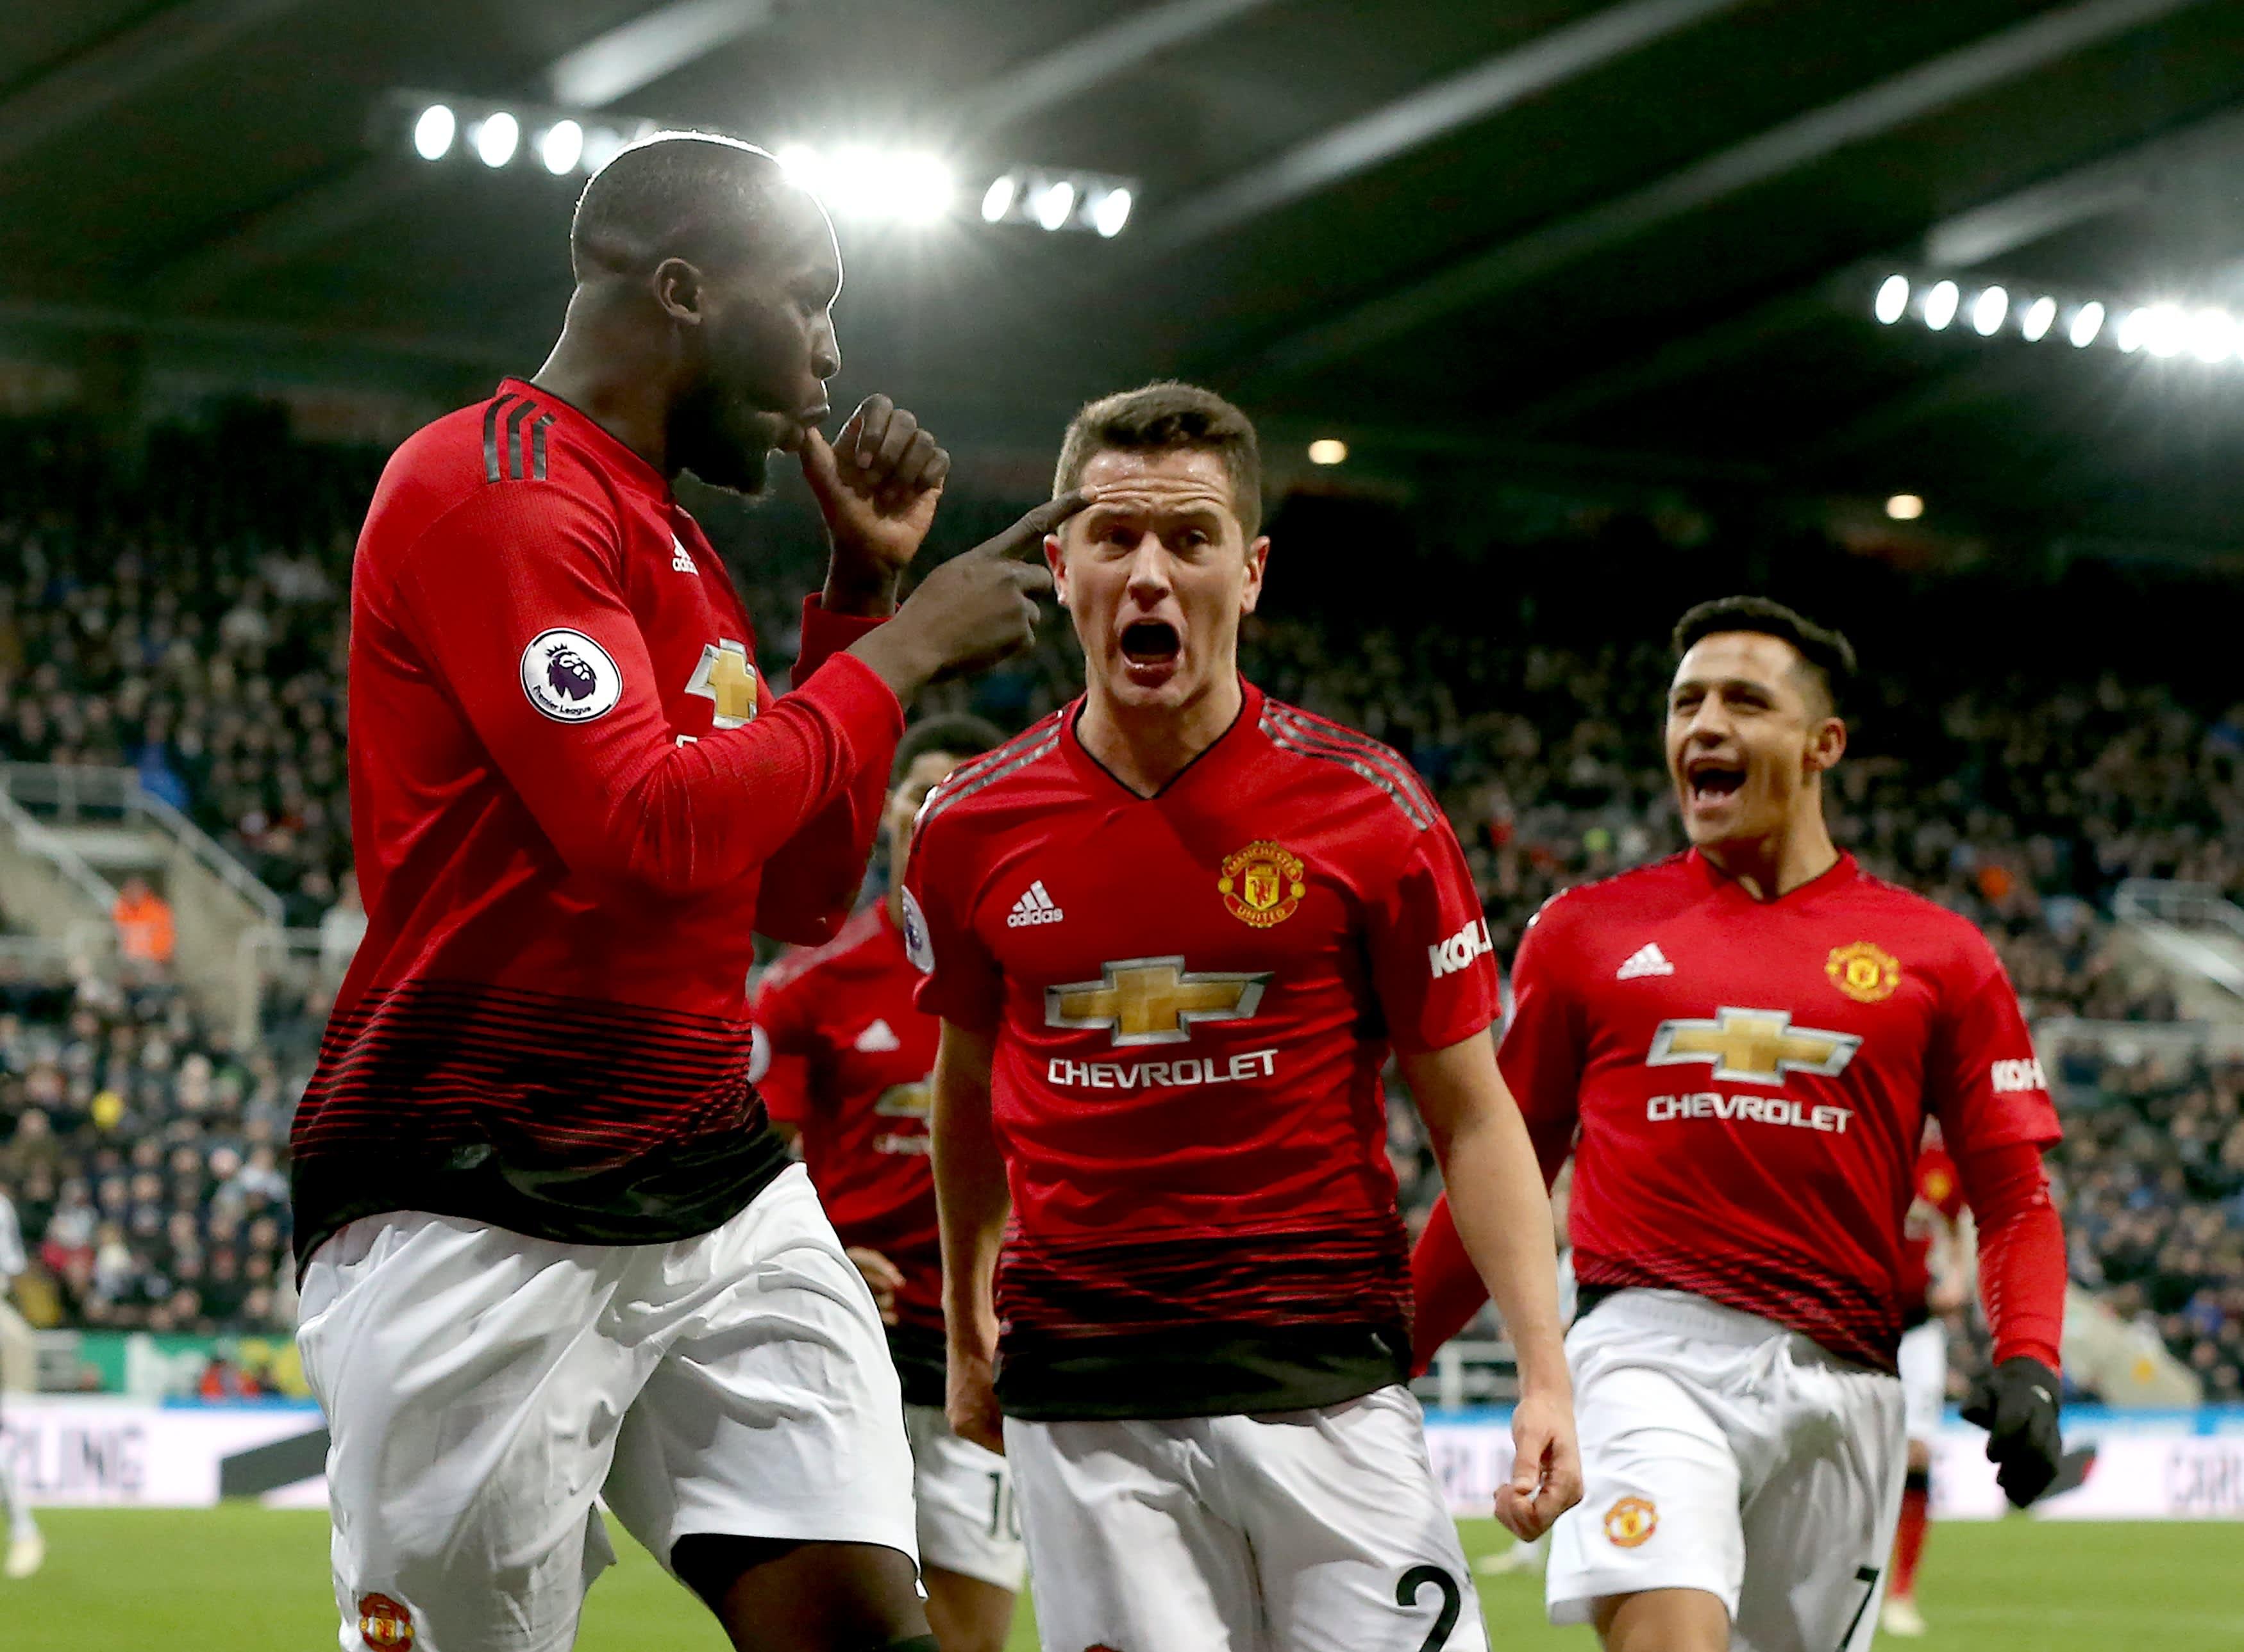 Man United jyräsi voittoon Newcastlessa - katso ottelun maalit